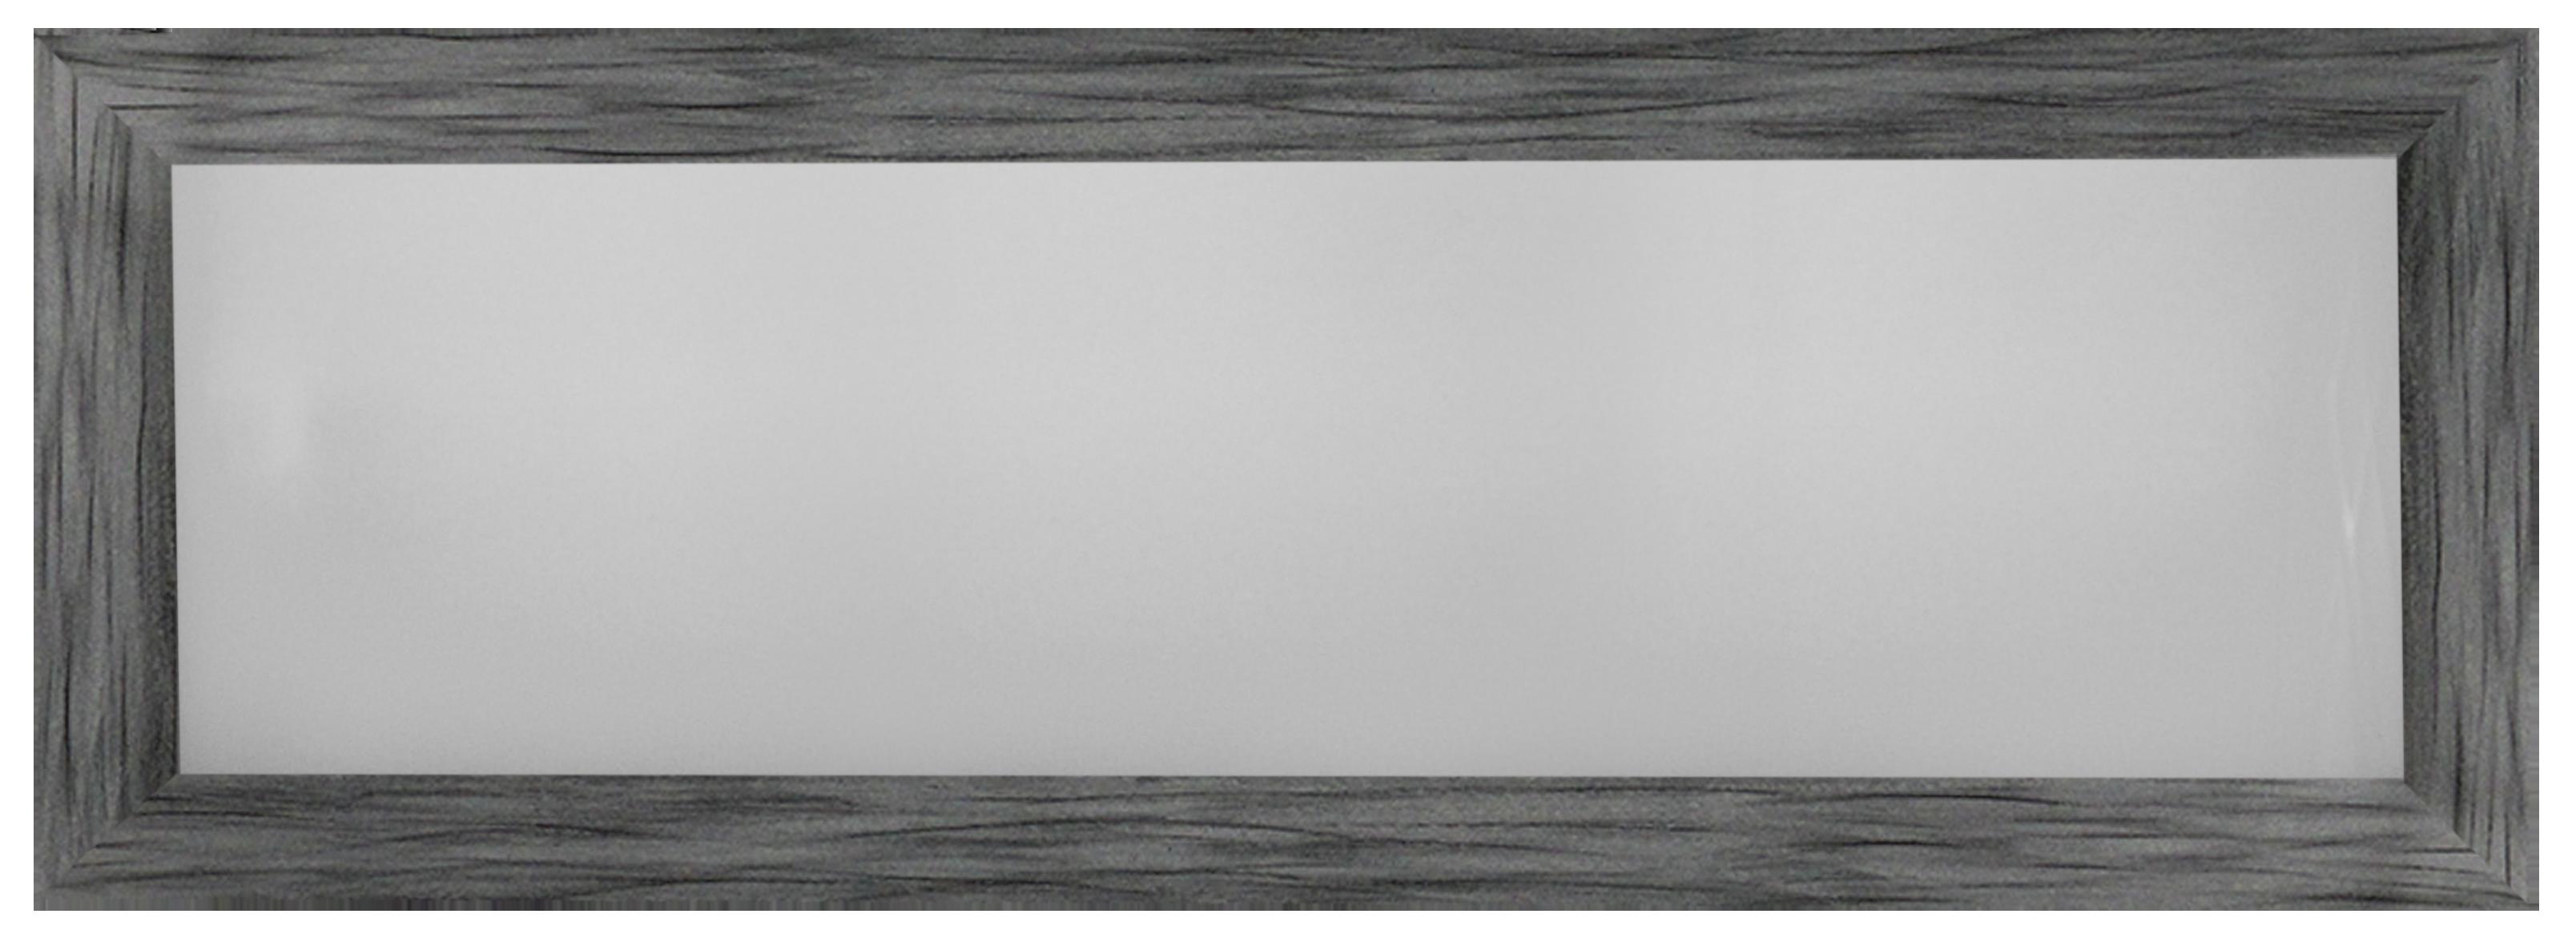 Светильник встраиваемый SQUARE BS555/B650x150